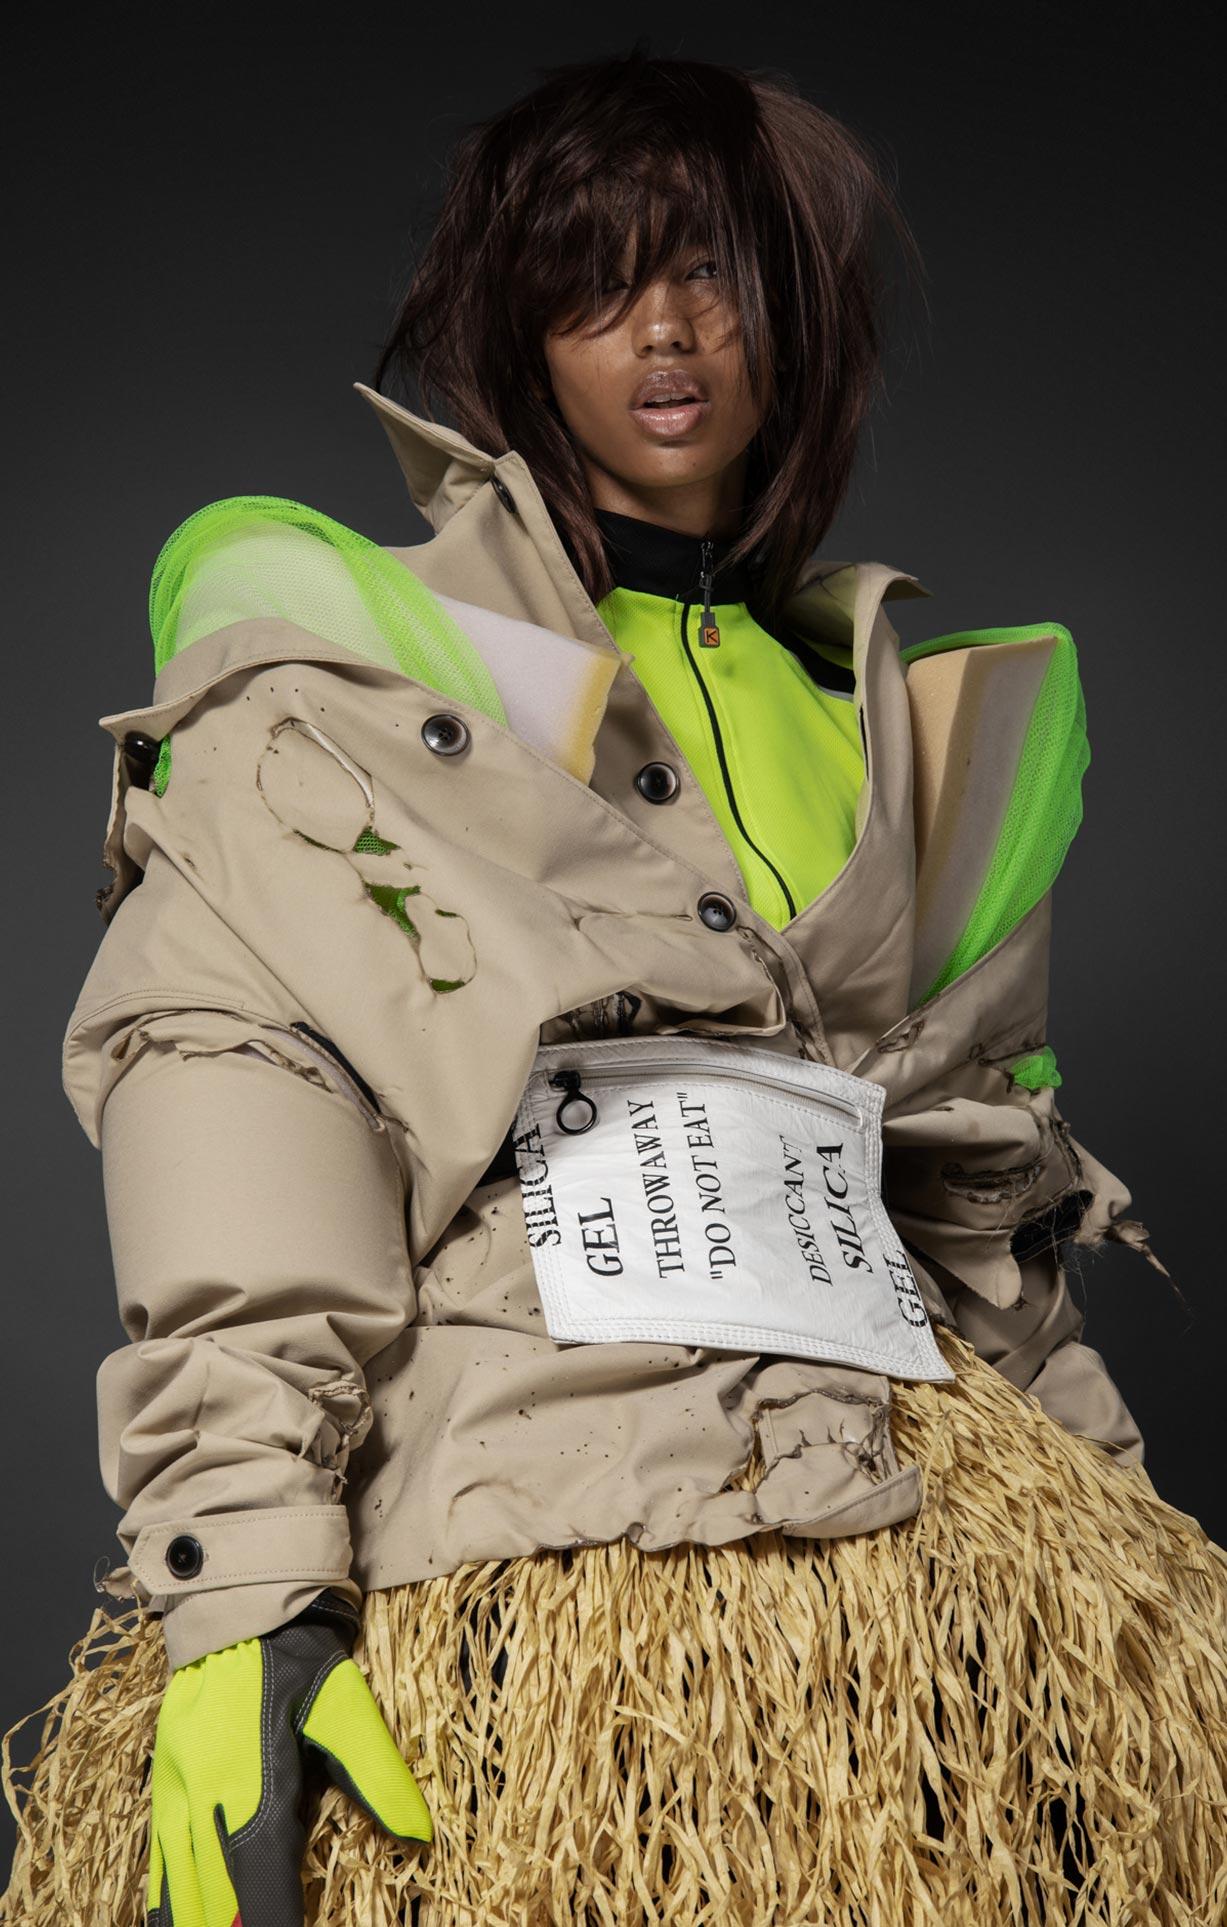 Нетрадиционный взгляд на модную одежду / фото 13